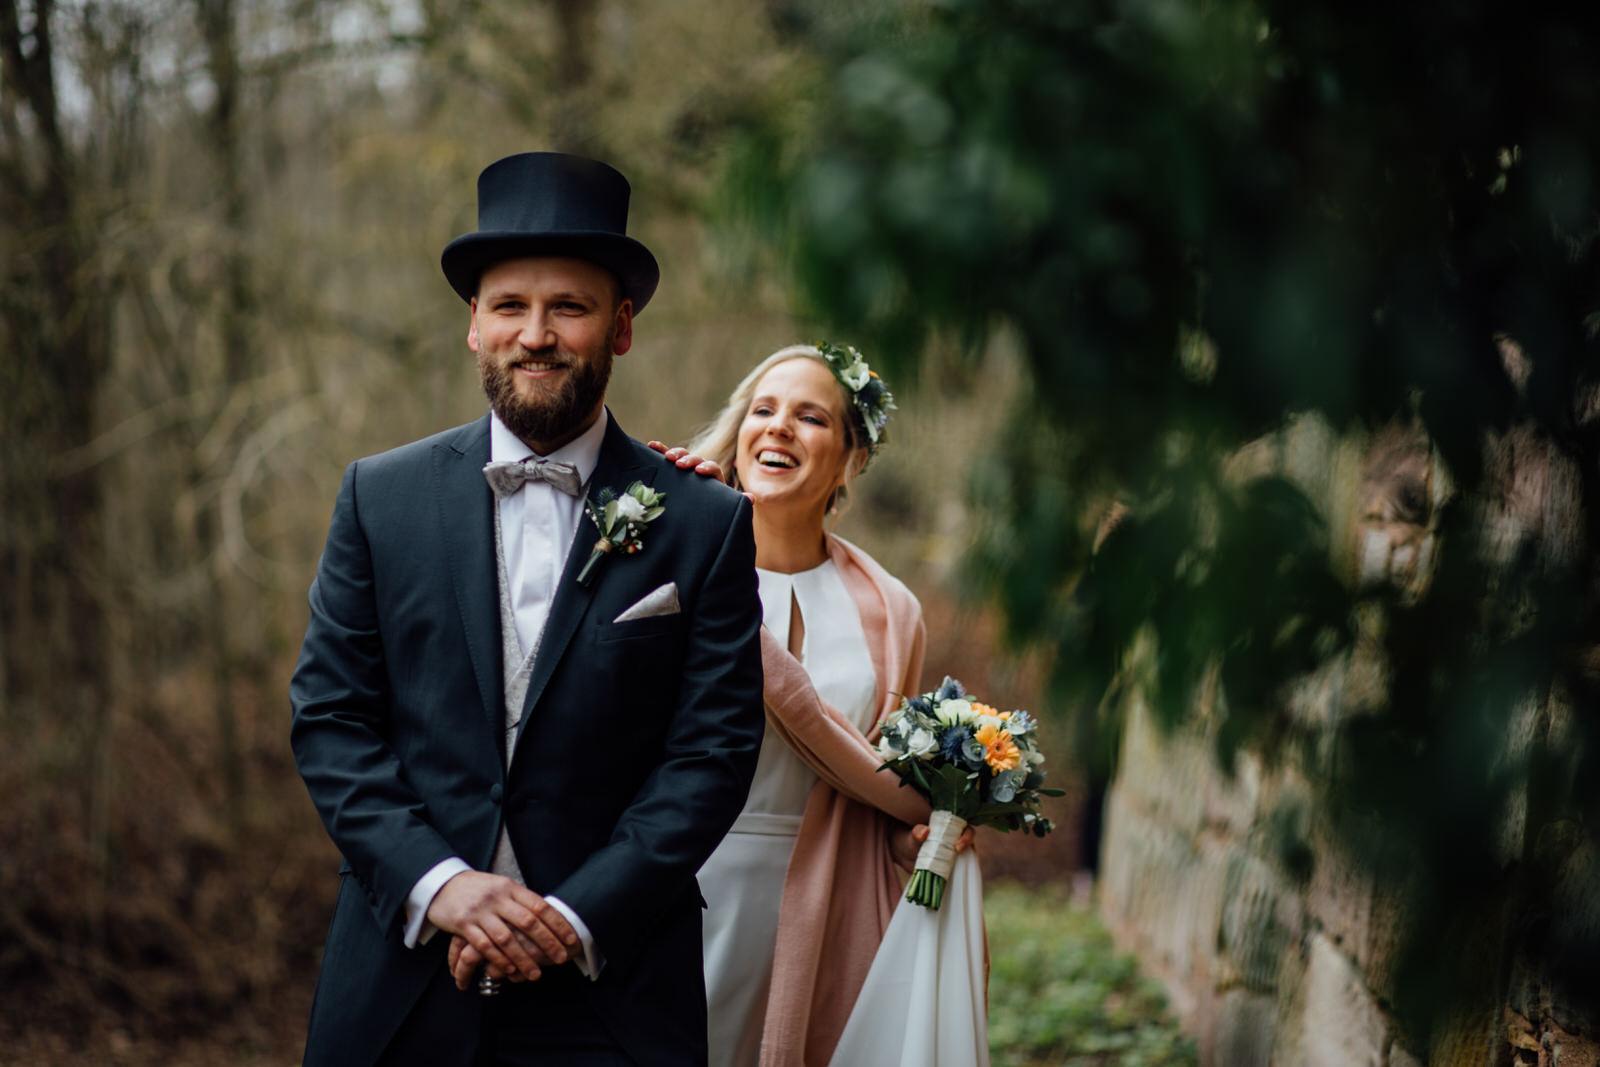 Hochzeitsfotograf_Rödental_Alte_Mühle_Alte_Orangerie_Schloss_Rosenau_100227214.JPG